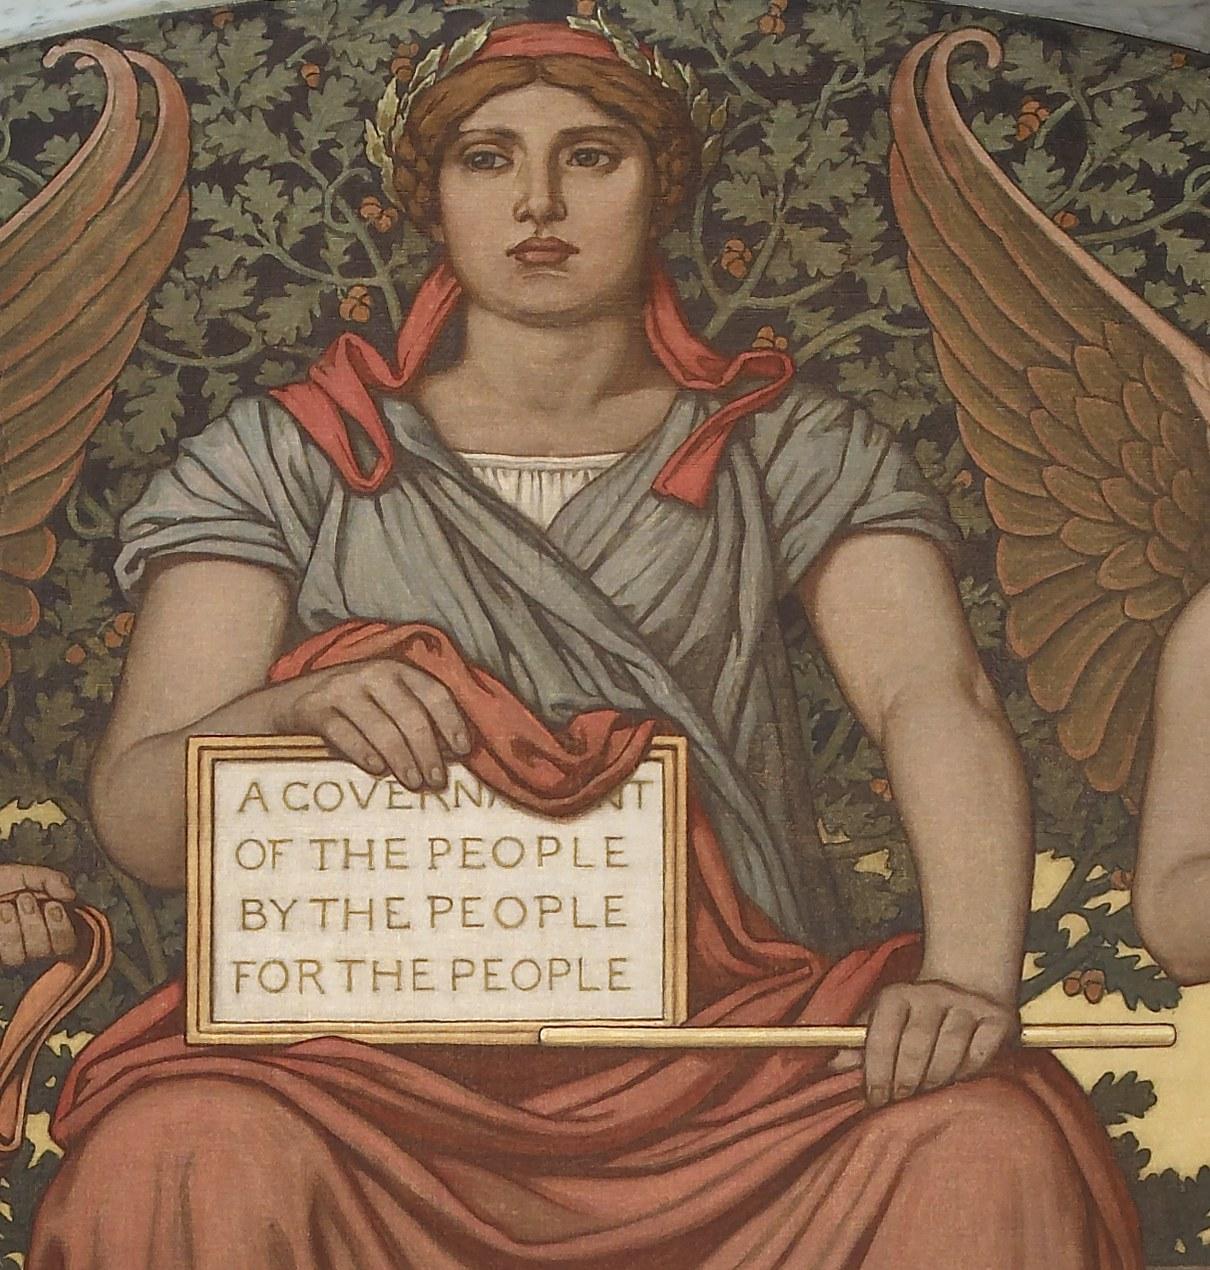 國會圖書館的壁畫上刻有林肯於蓋茲堡演說中的一句名言。(WikiCommons)